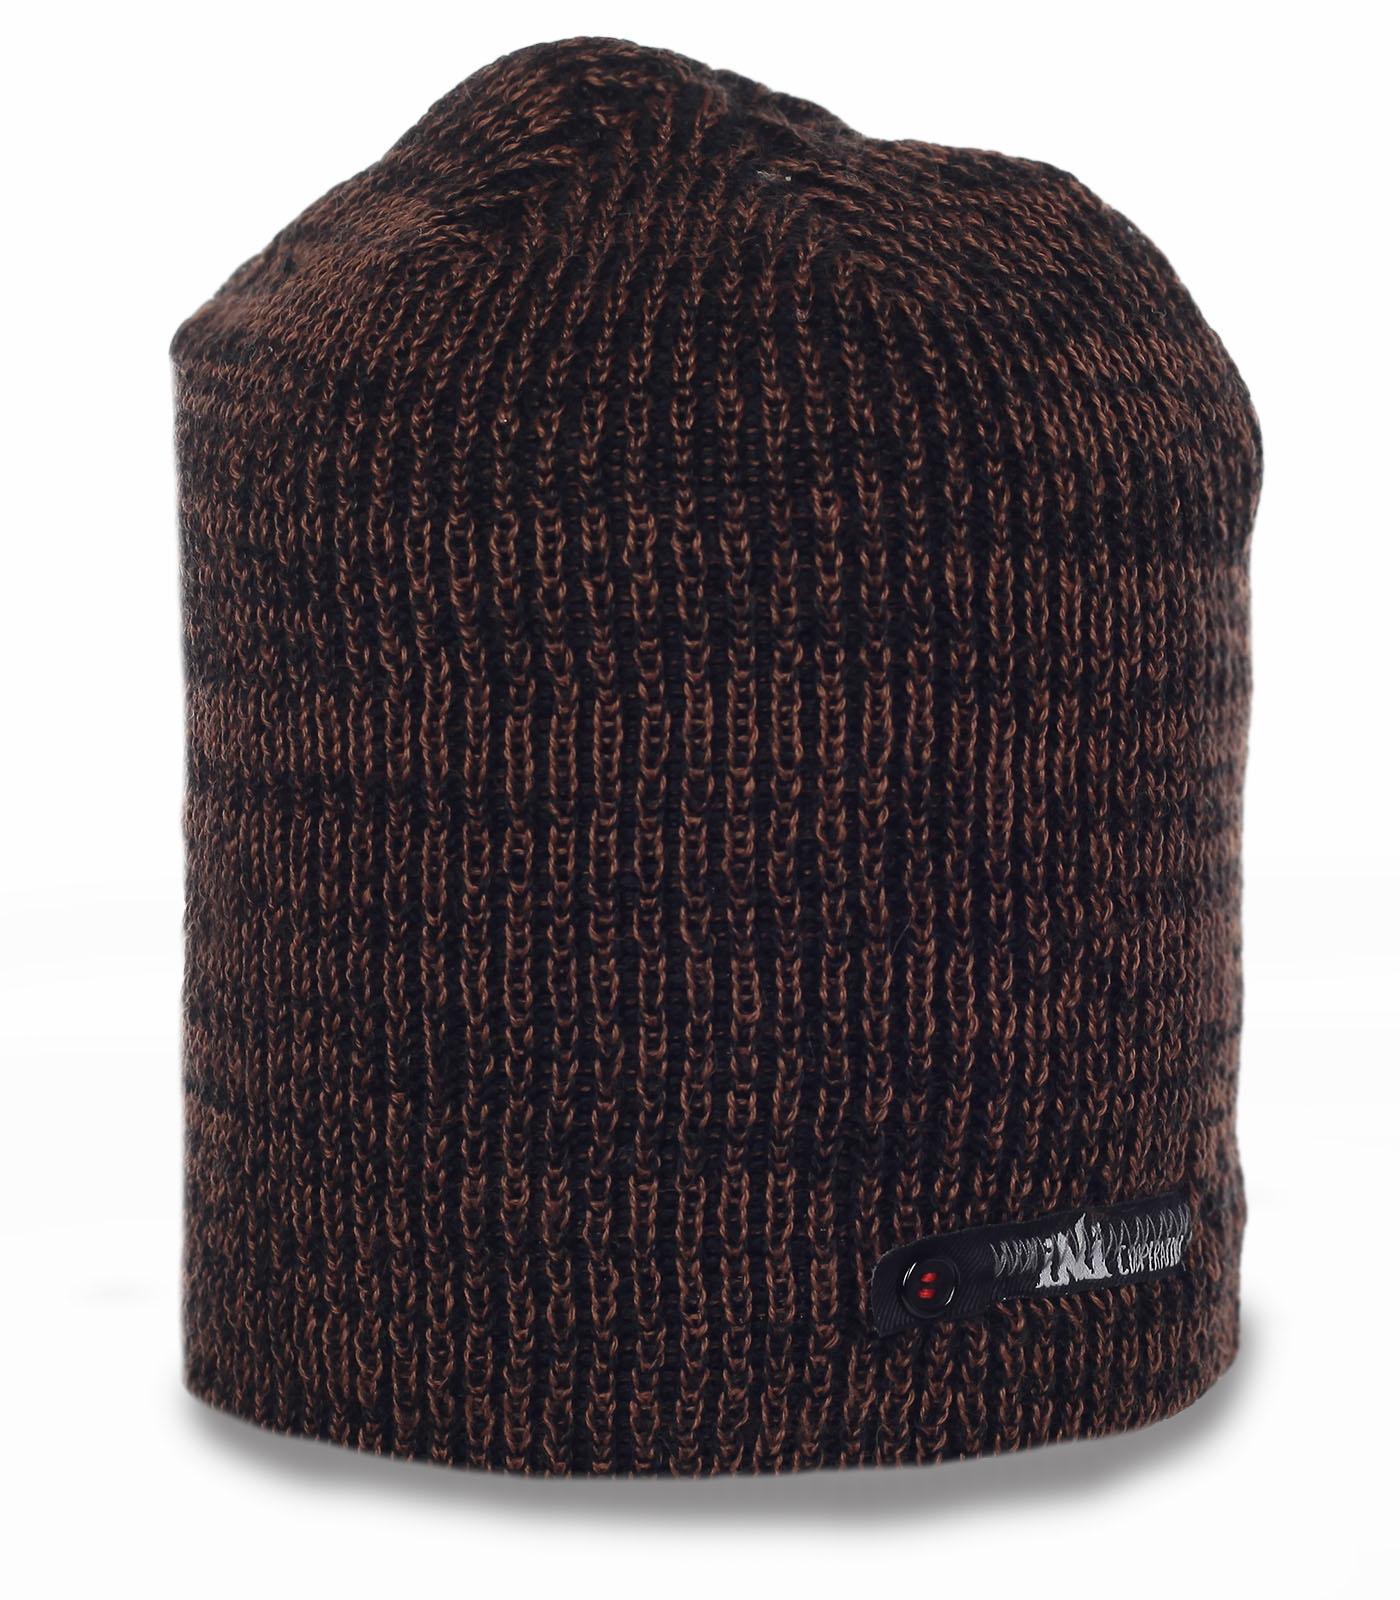 Мужская шапка Cooperative. Теплая вязаная модель на каждый день и не только